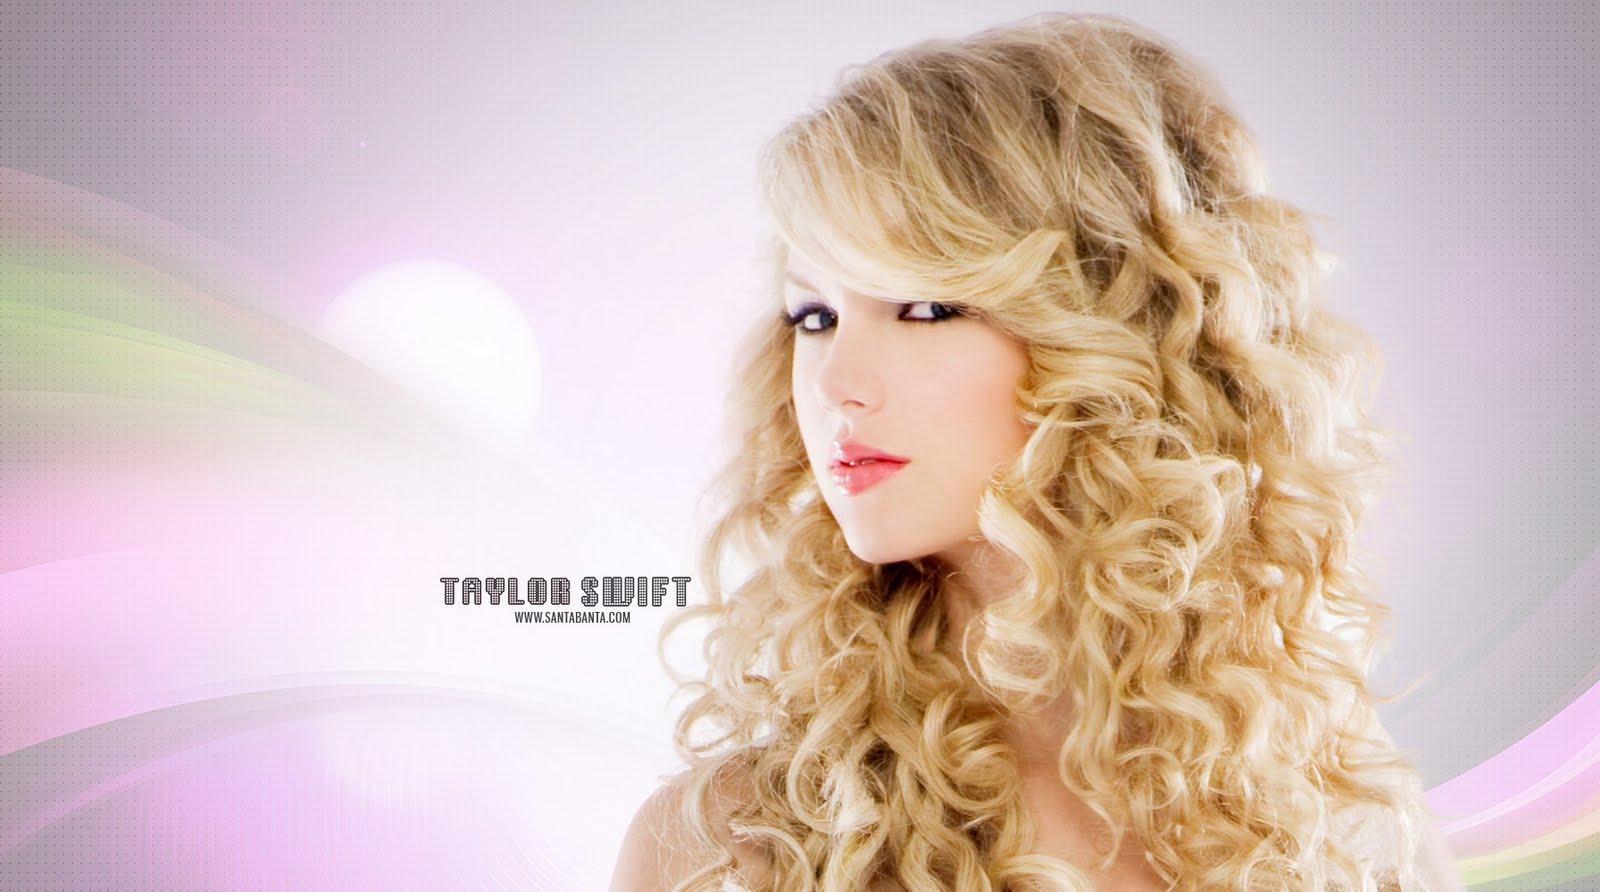 http://3.bp.blogspot.com/-ZFaN04HNzMw/Tmdv3kIoaOI/AAAAAAAAC0Q/X_k9Z7KOIZo/s1600/Hot+Taylor+Swift%2527s+Pictures+%252814%2529.jpg